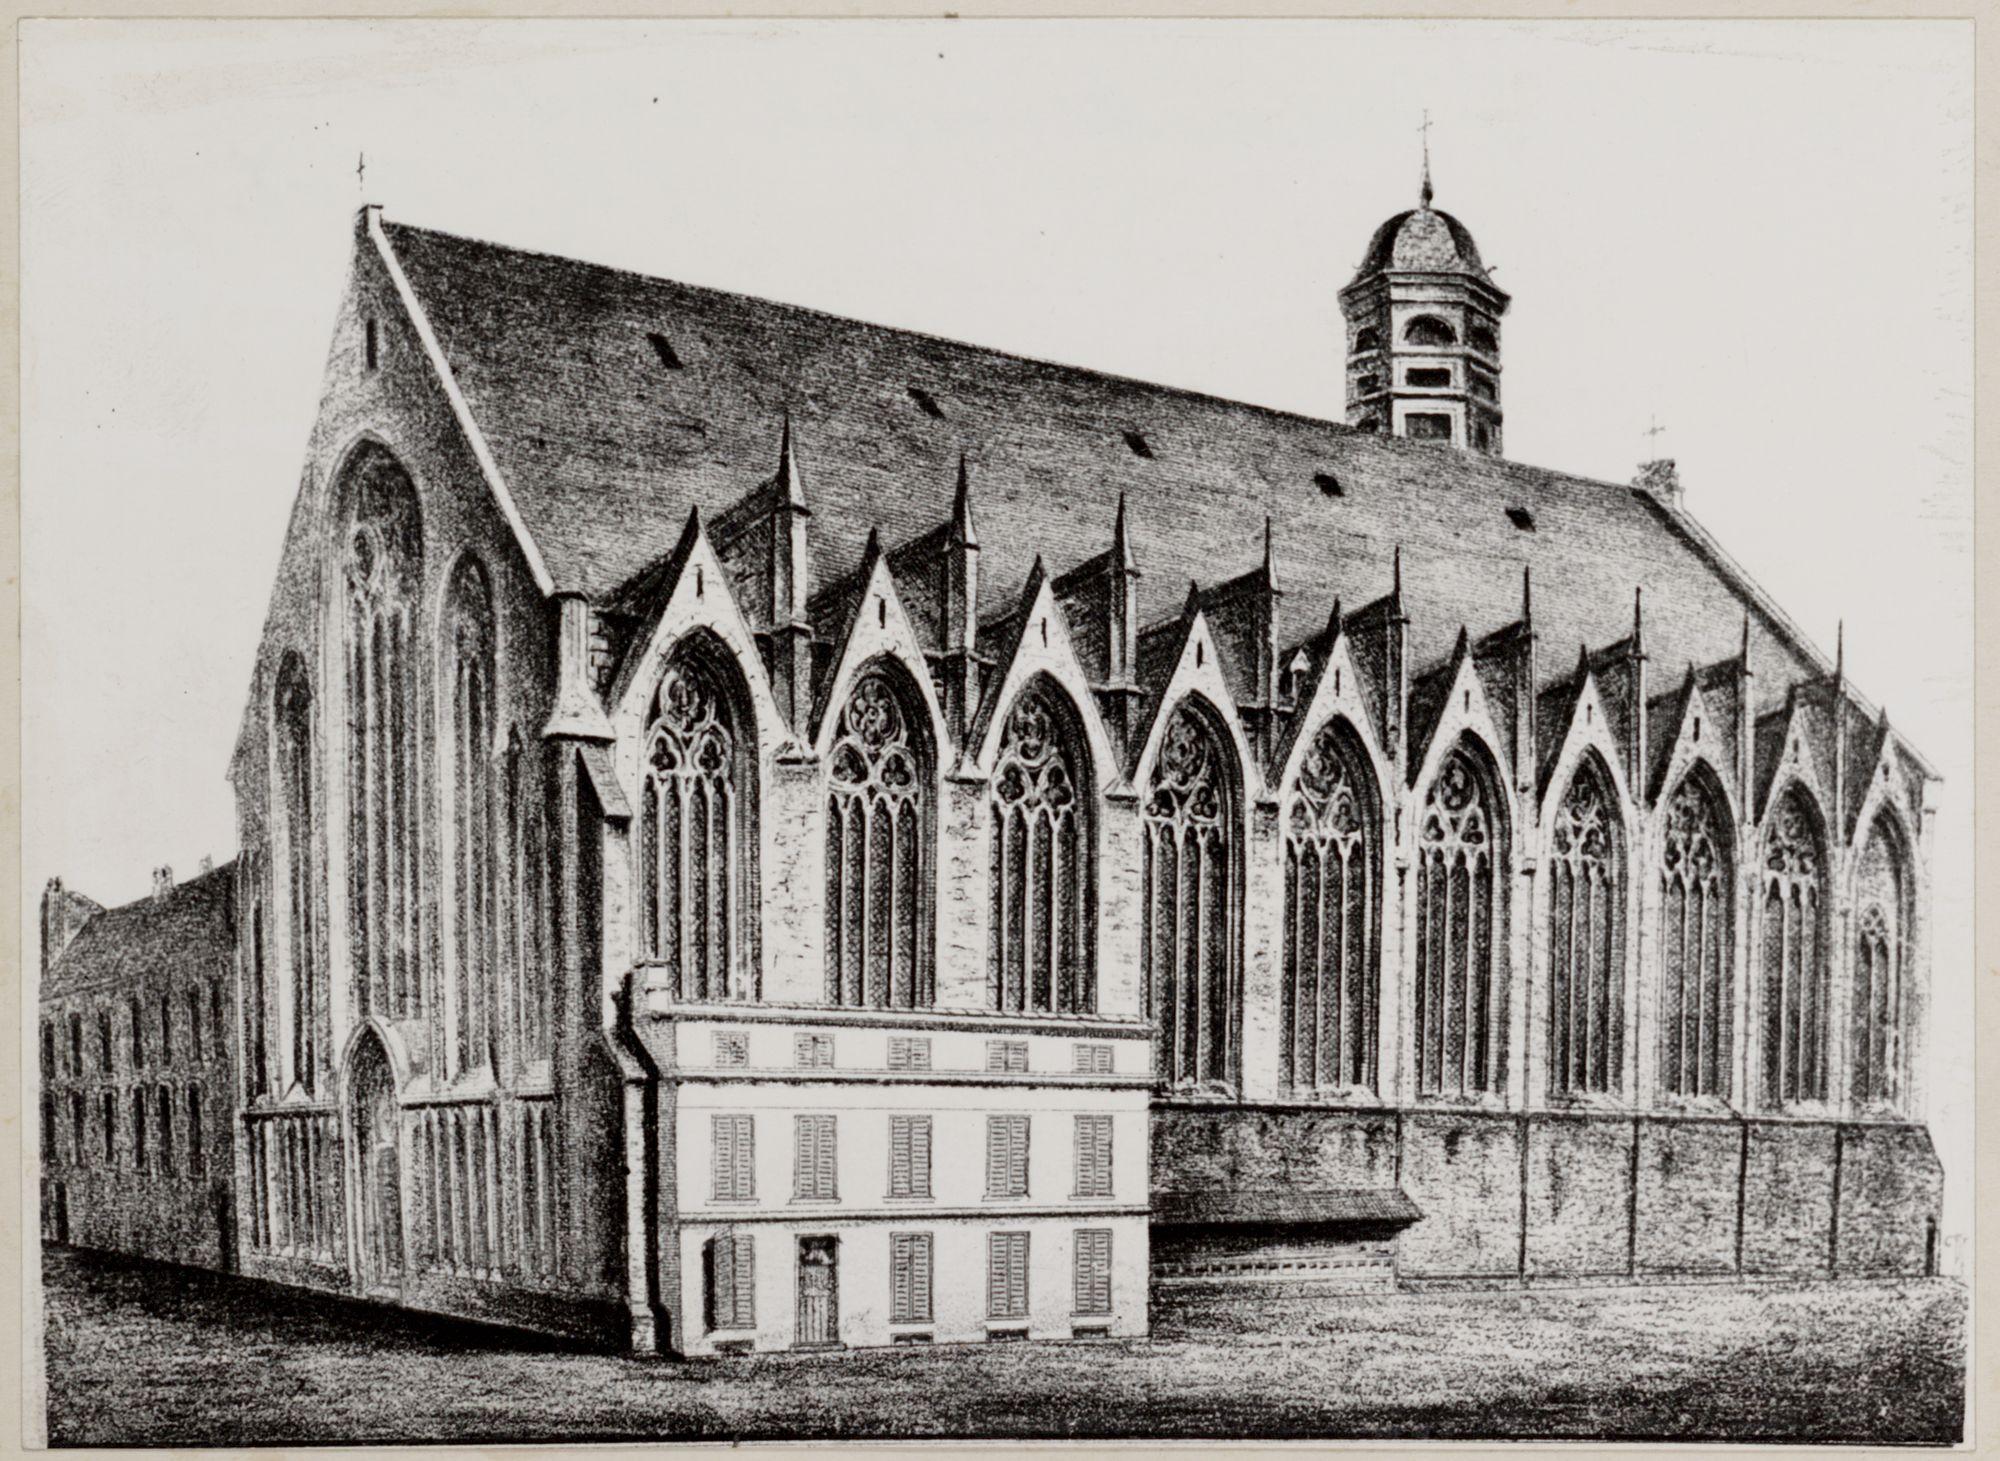 Gent: Tekening van de zijgevel van de kerk in Onderbergen